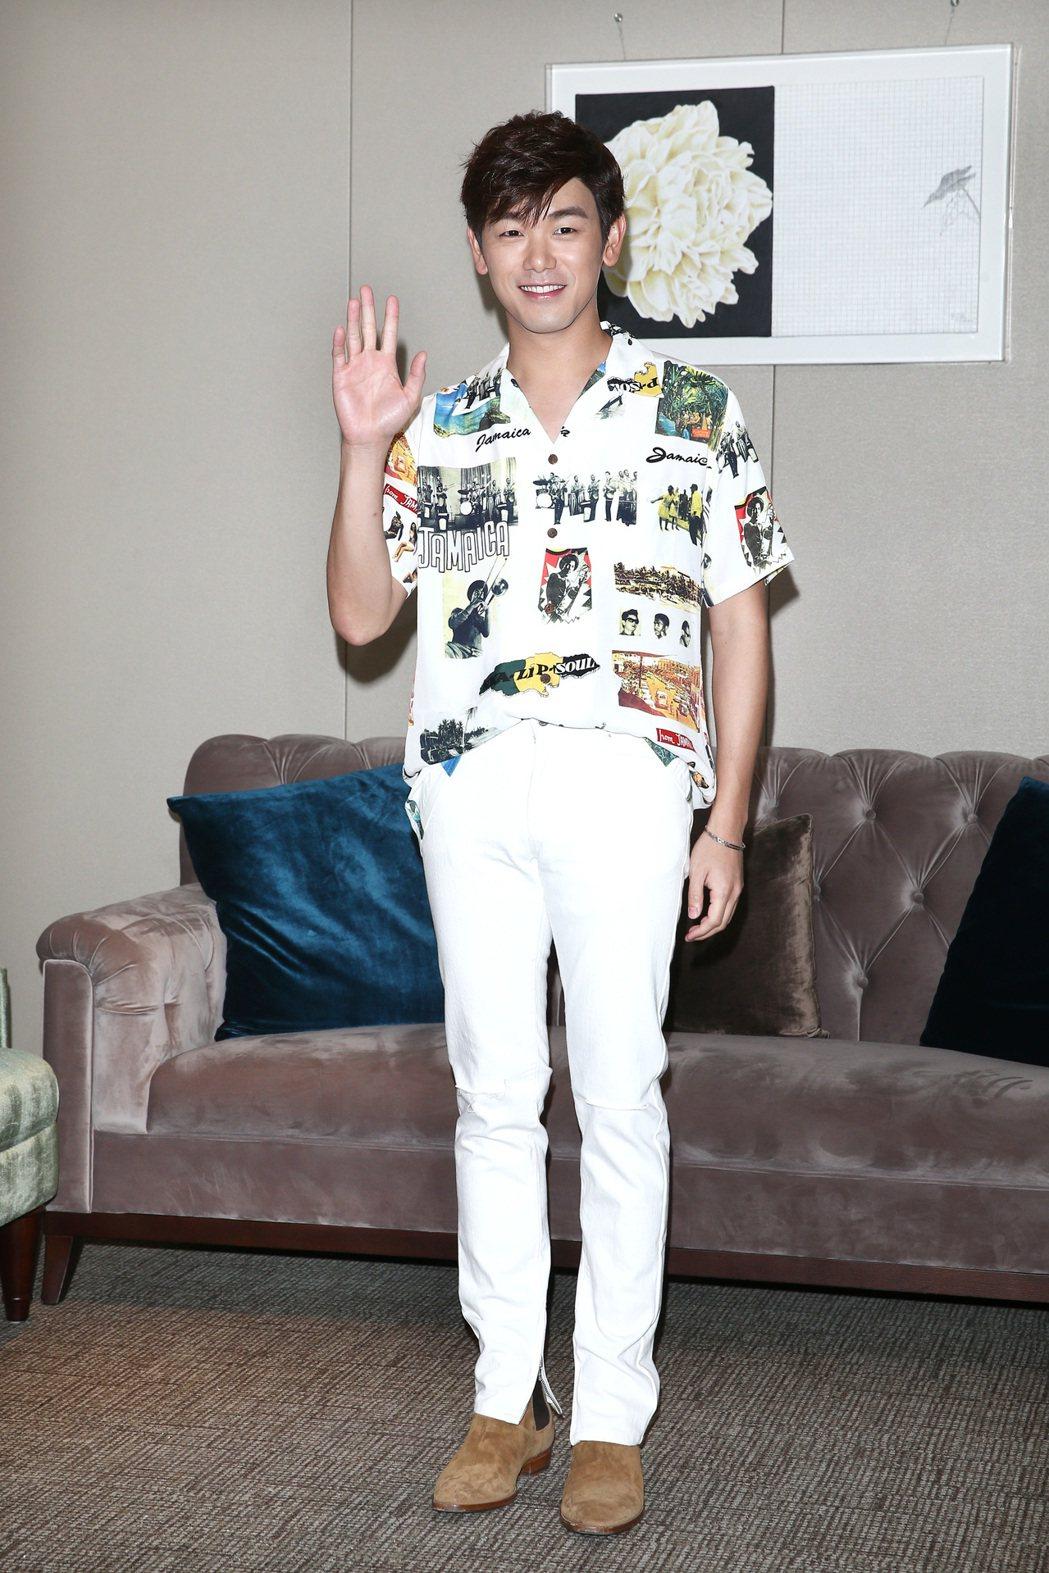 韓星男歌手 Eric nam本名南允道來台舉行演唱會。記者蘇健忠/攝影